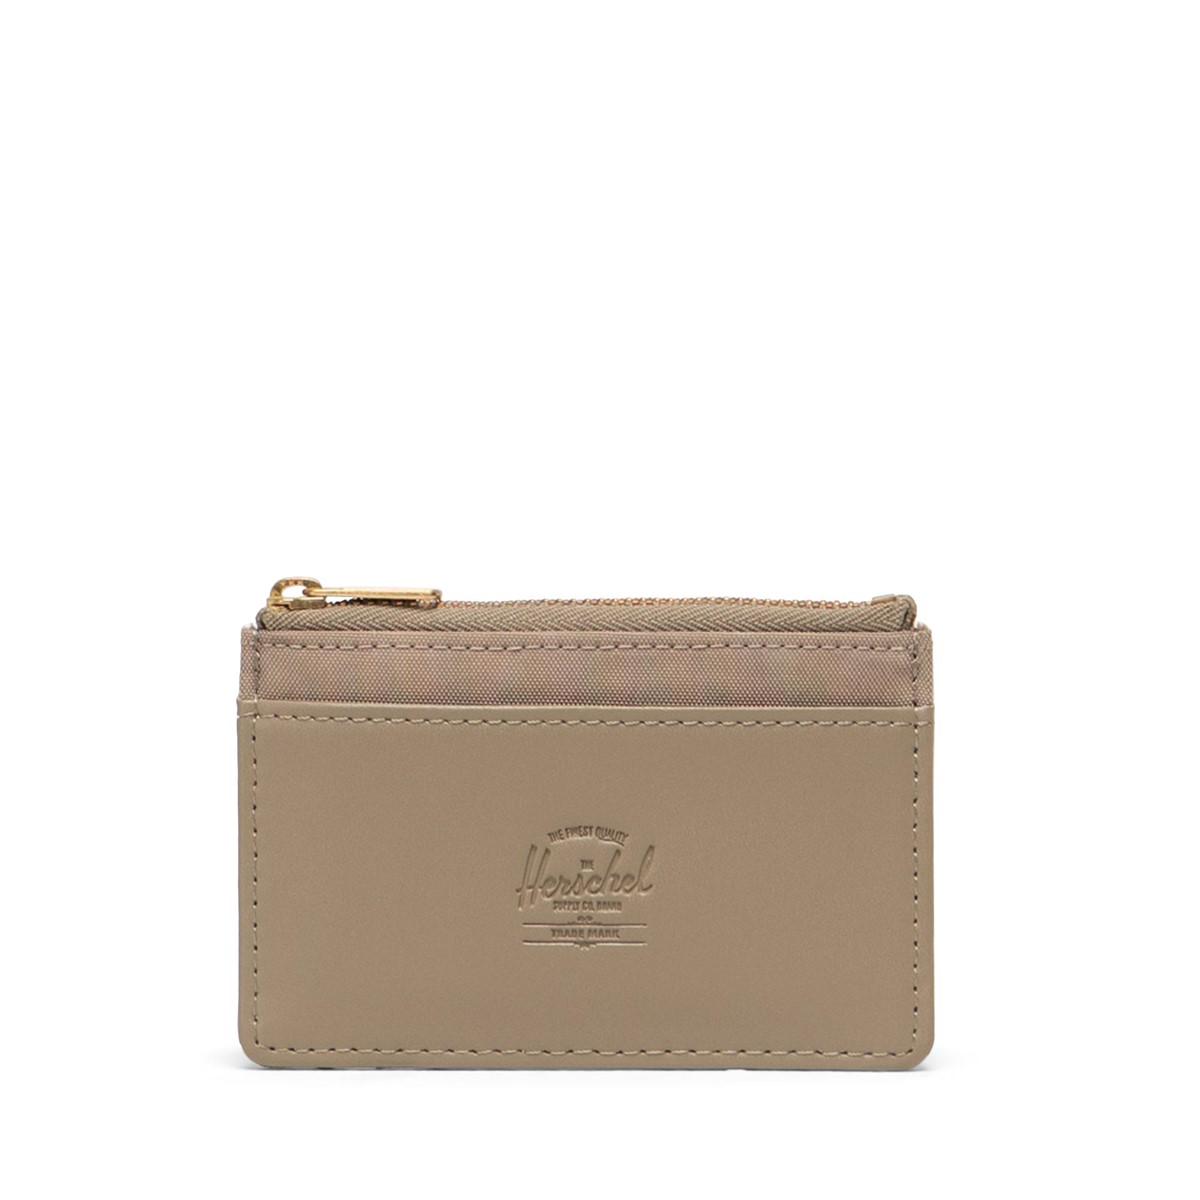 Oscar Orion Wallet in Grey